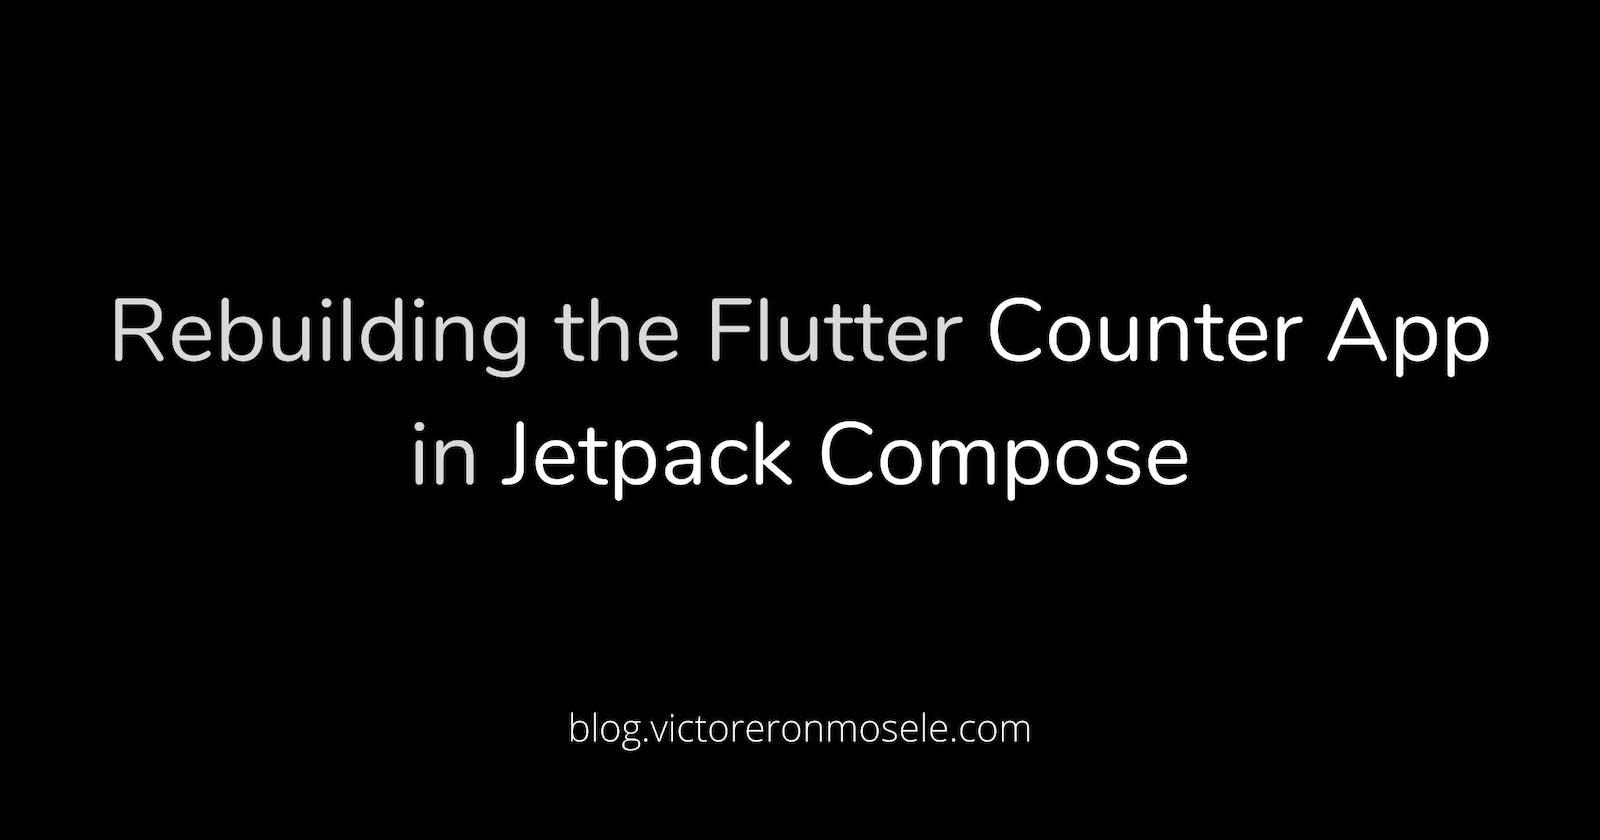 Rebuilding The Flutter Counter App In Jetpack Compose